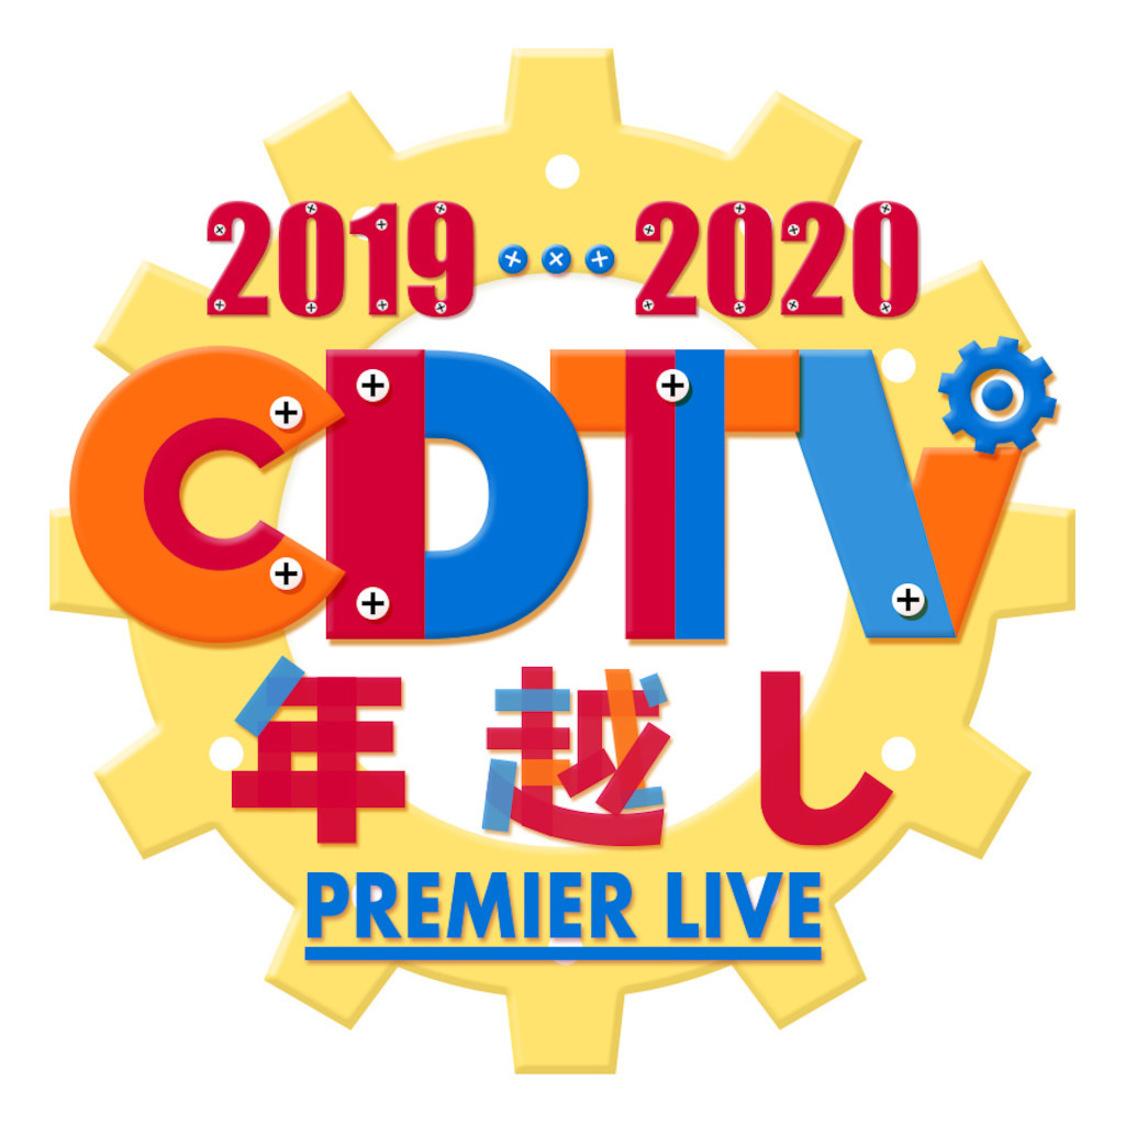 モーニング娘。'20、山本彩、欅坂46、BiSH、豆柴の大群、『CDTVスペシャル! 年越しプレミアライブ2019→2020』出演決定!